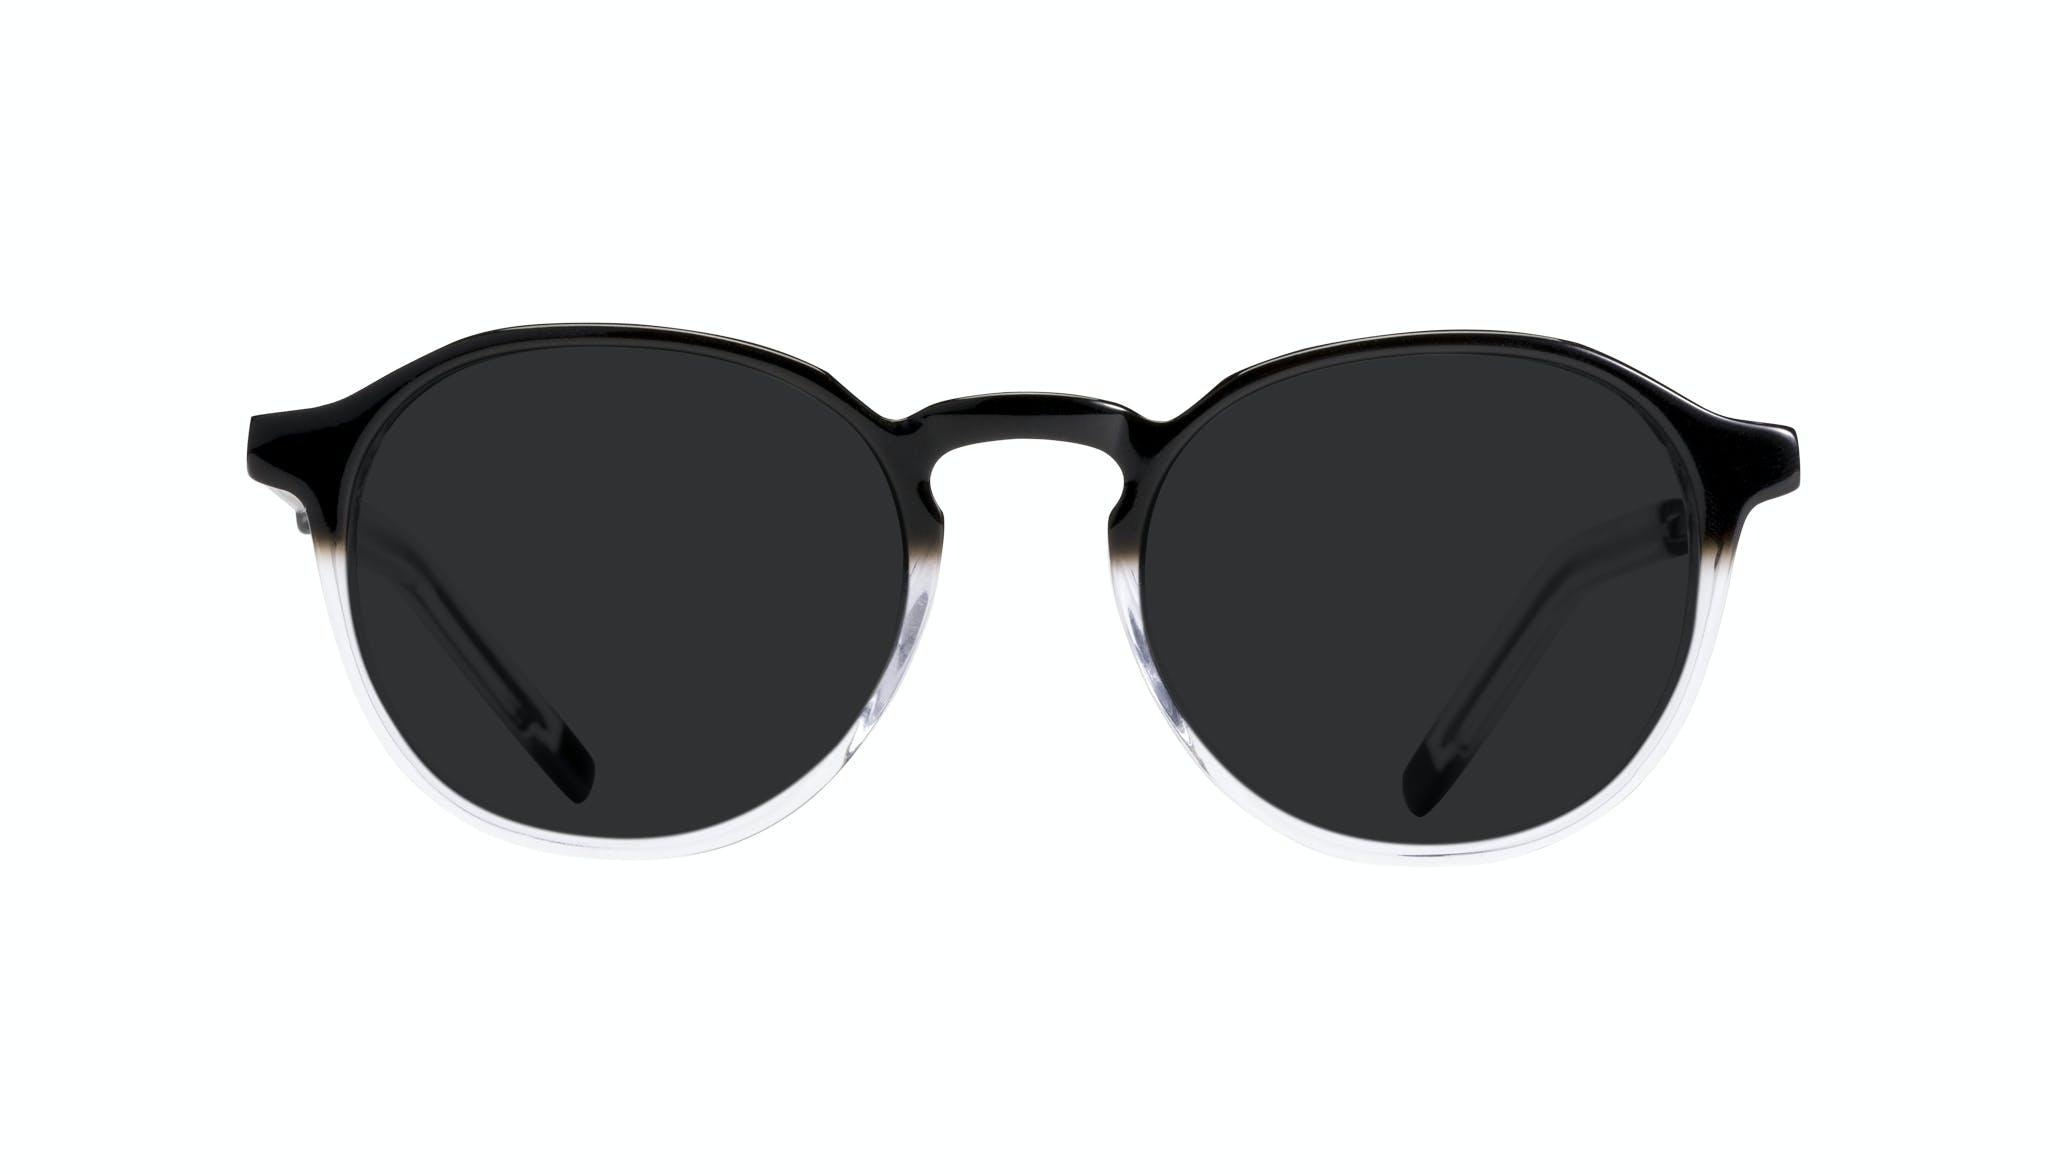 Lunettes tendance Ronde Lunettes de soleil Hommes Prime Onyx Clear Face